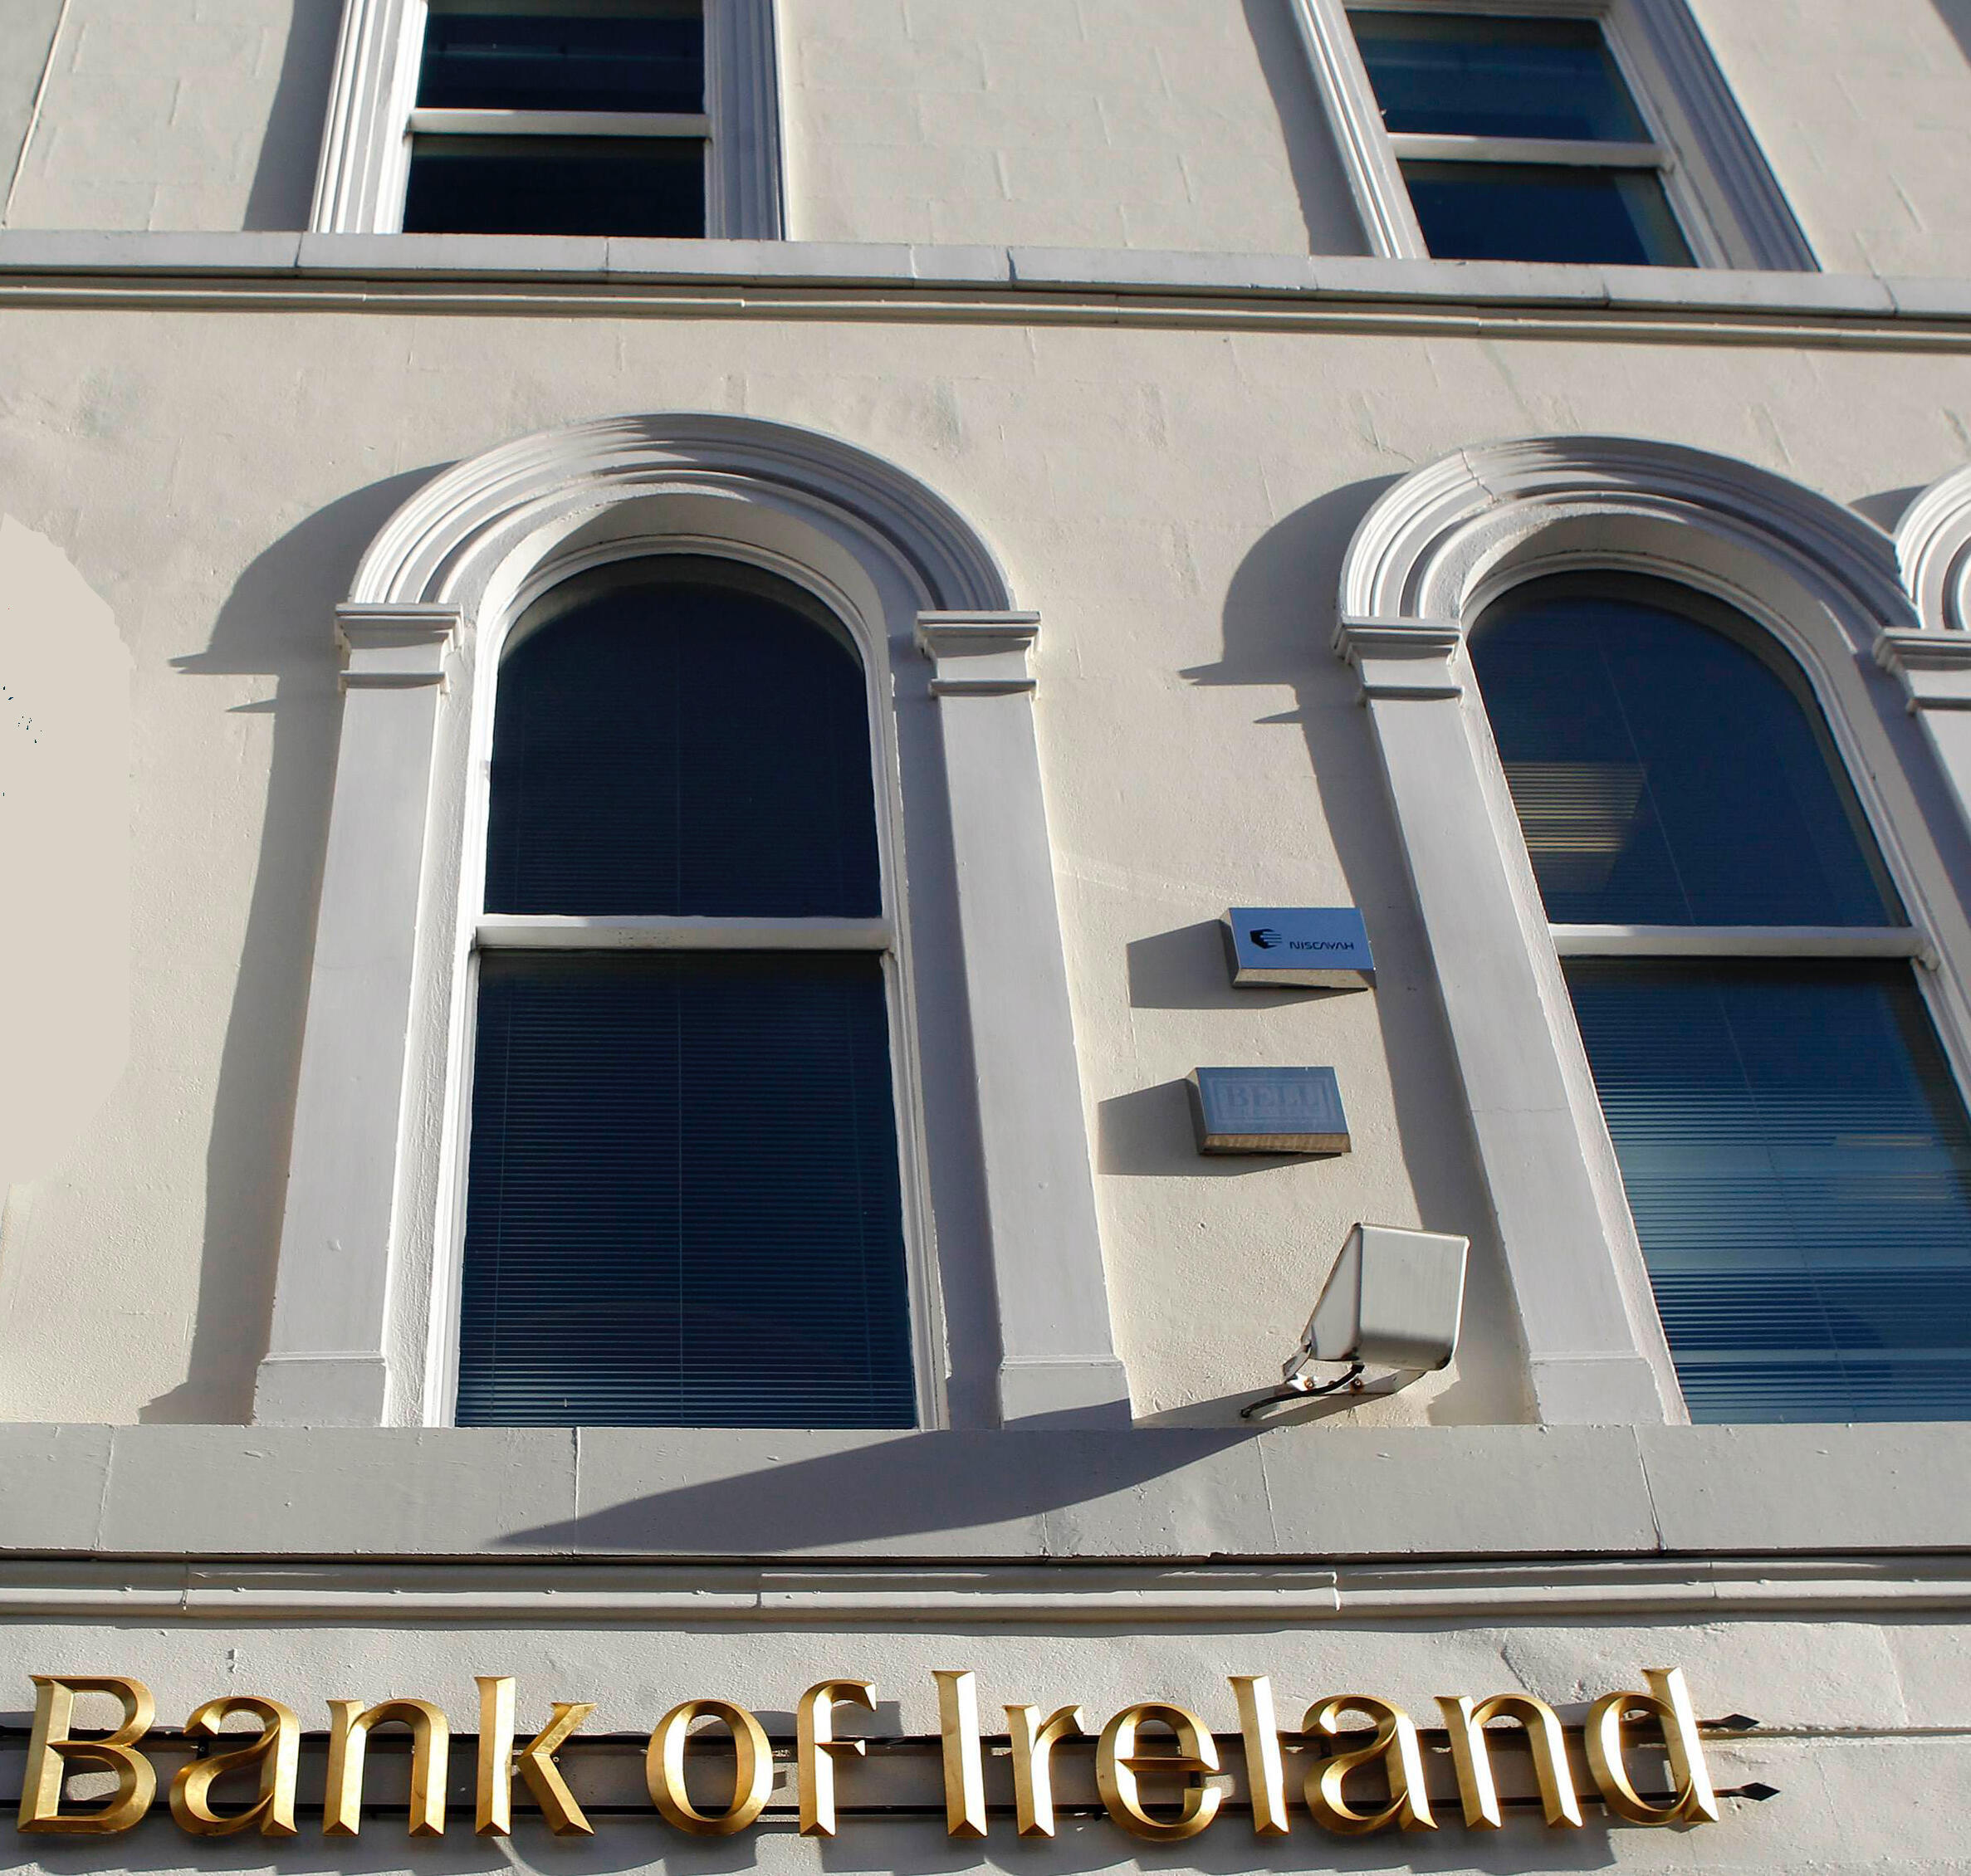 Crise financeira na Irlanda: mais da metade dos grandes investidores mundiais consideram que a Irlanda não vai conseguir pagar suas dívidas.